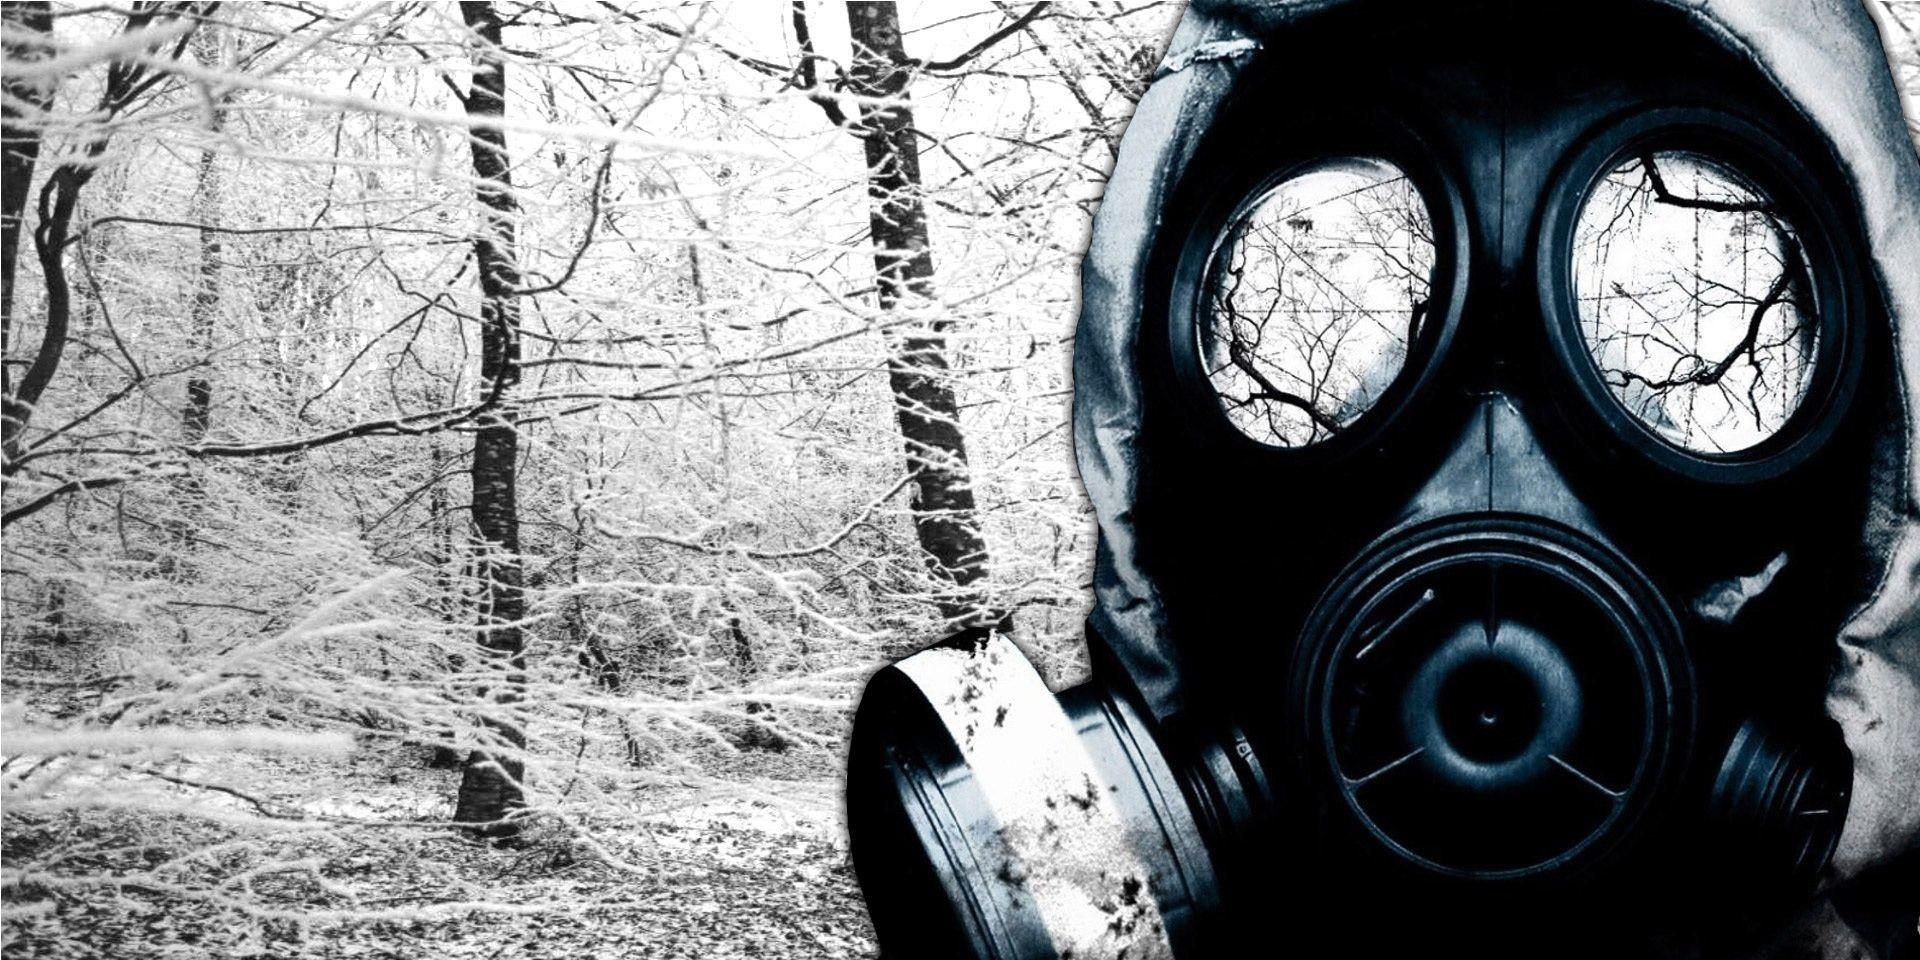 Зеркало для героя: Русскоязычное сообщество и токсичность